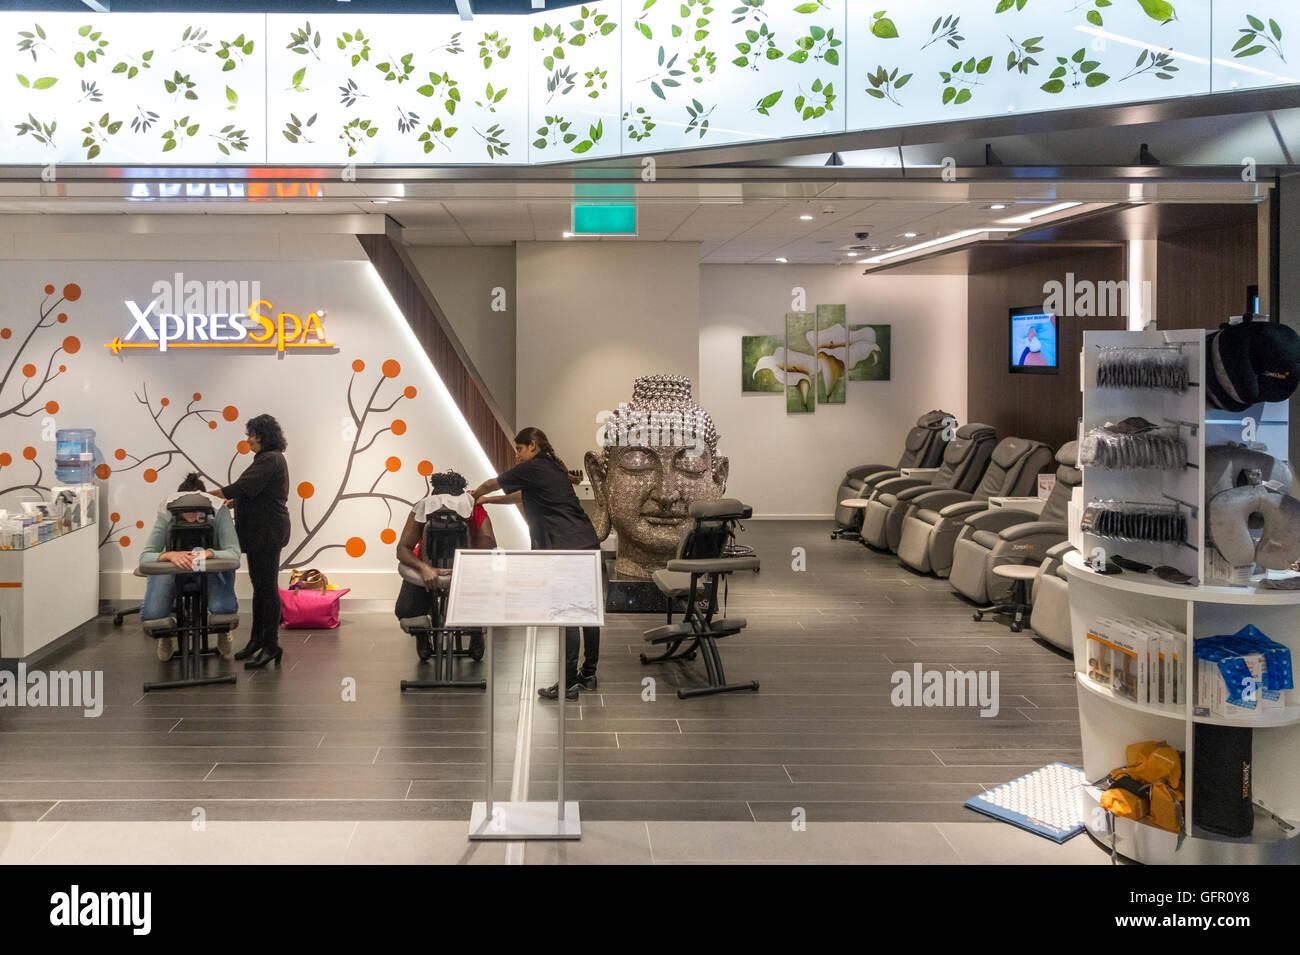 Salida salón de masaje en el Spa, Xpress Xpres XpresSpa, Spa en la Sala de Embarque 2 en el Aeropuerto Schiphol Imagen De Stock